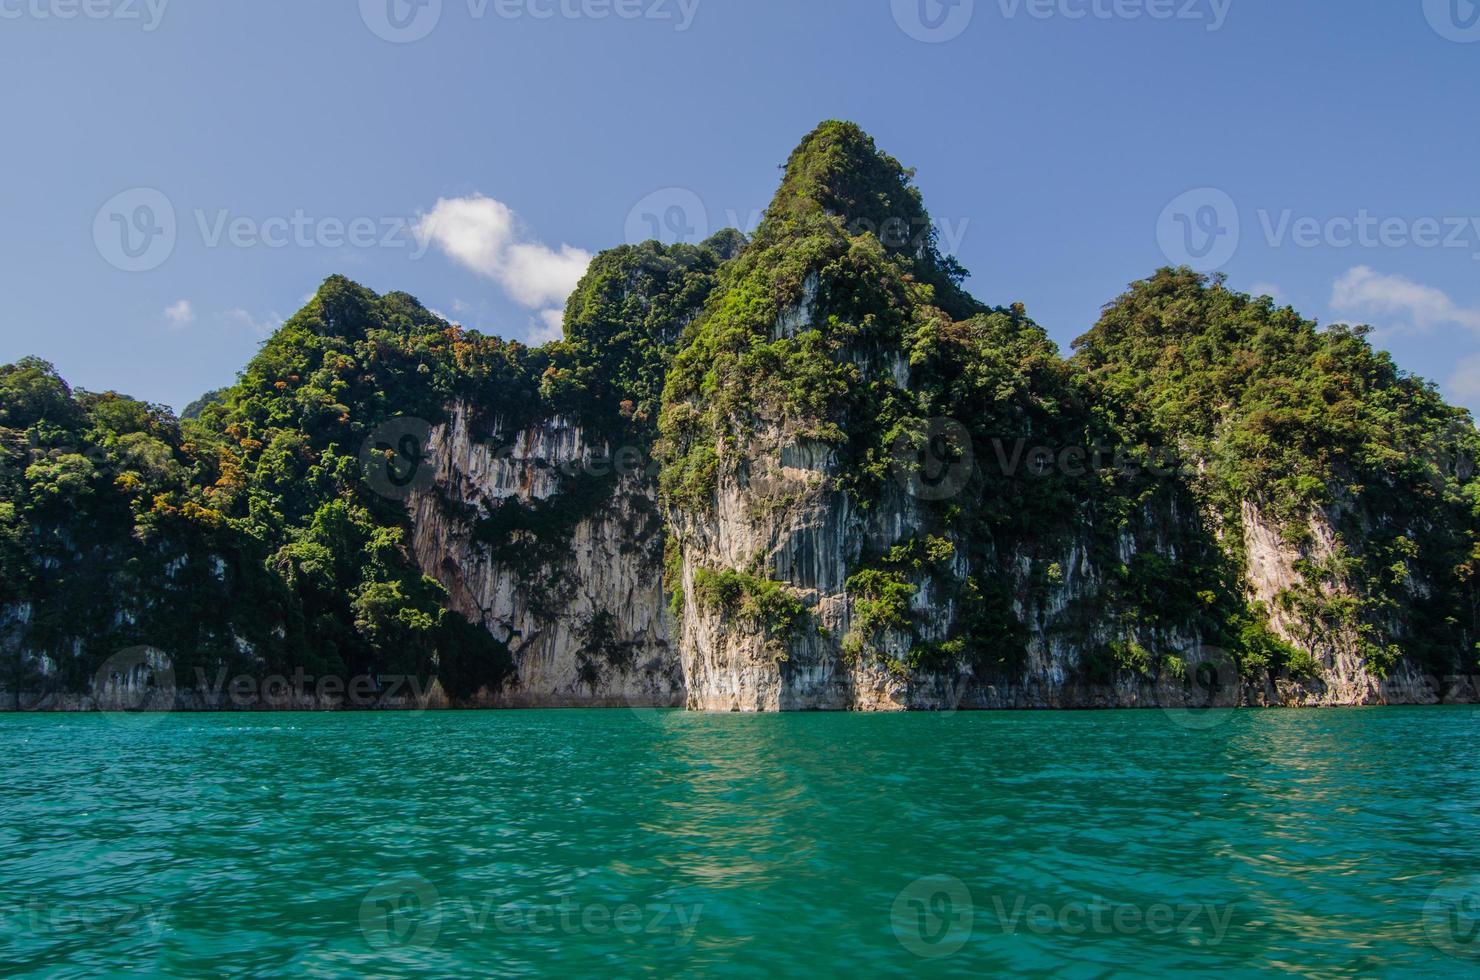 eiland rots in de zee foto